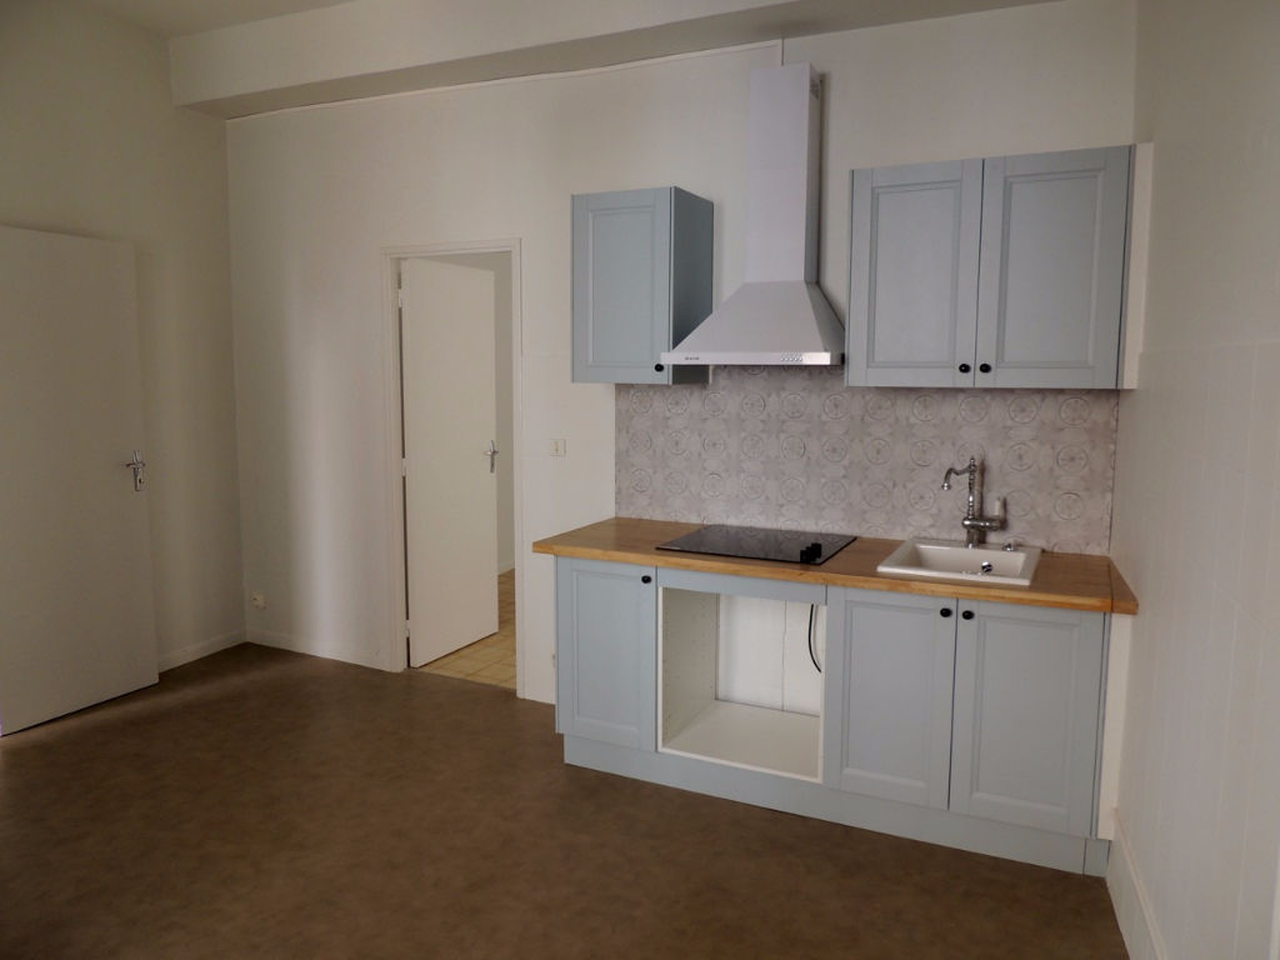 Appartement Castelmoron Sur Lot , appartement de plain pied de type 2 d'environ 39,02 m2  comprenant une pièce de vie avec coin cuisine équipée, une chambre, une salle d'eau et WC indépendant.  Chauffage électrique, double vitrage.